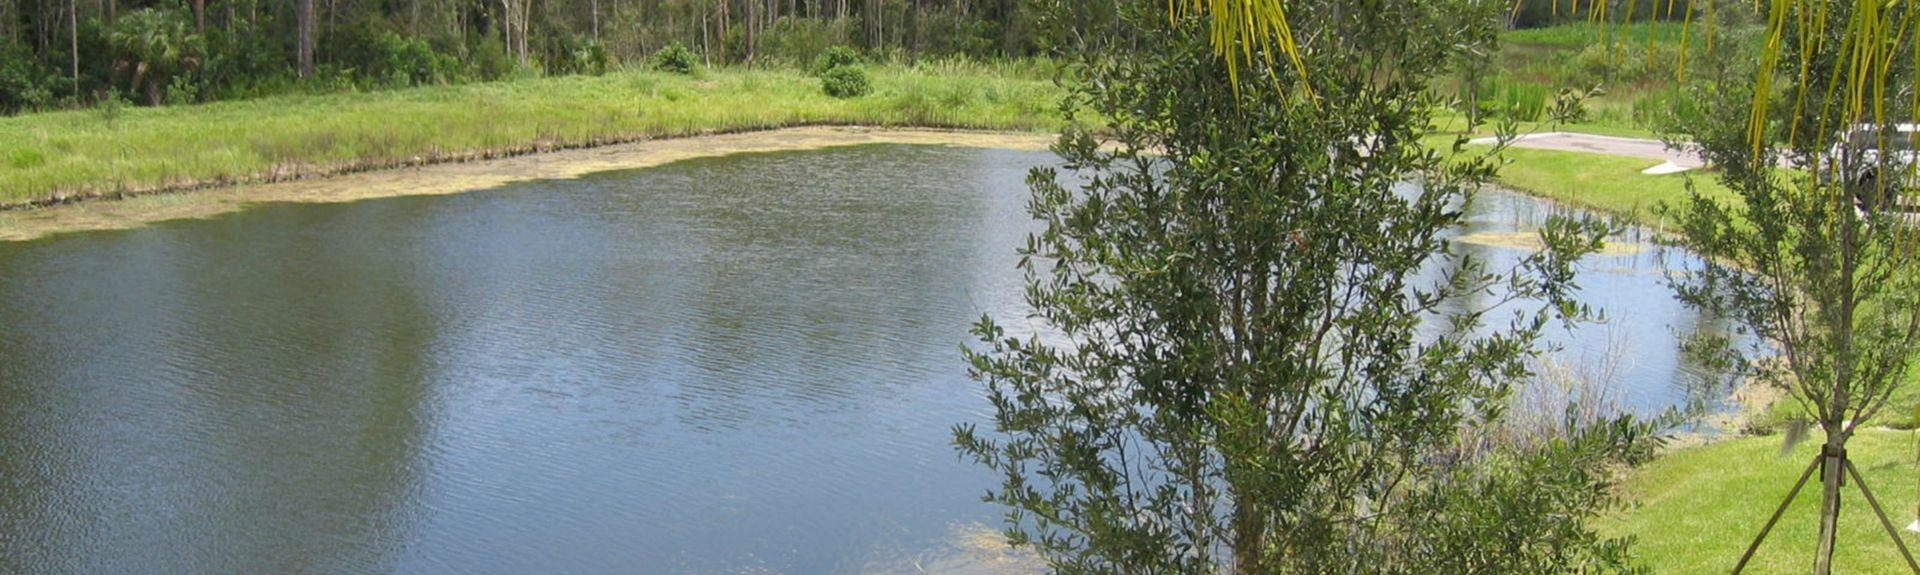 Reserva del rancho Babcock, Punta Gorda, Florida, Estados Unidos